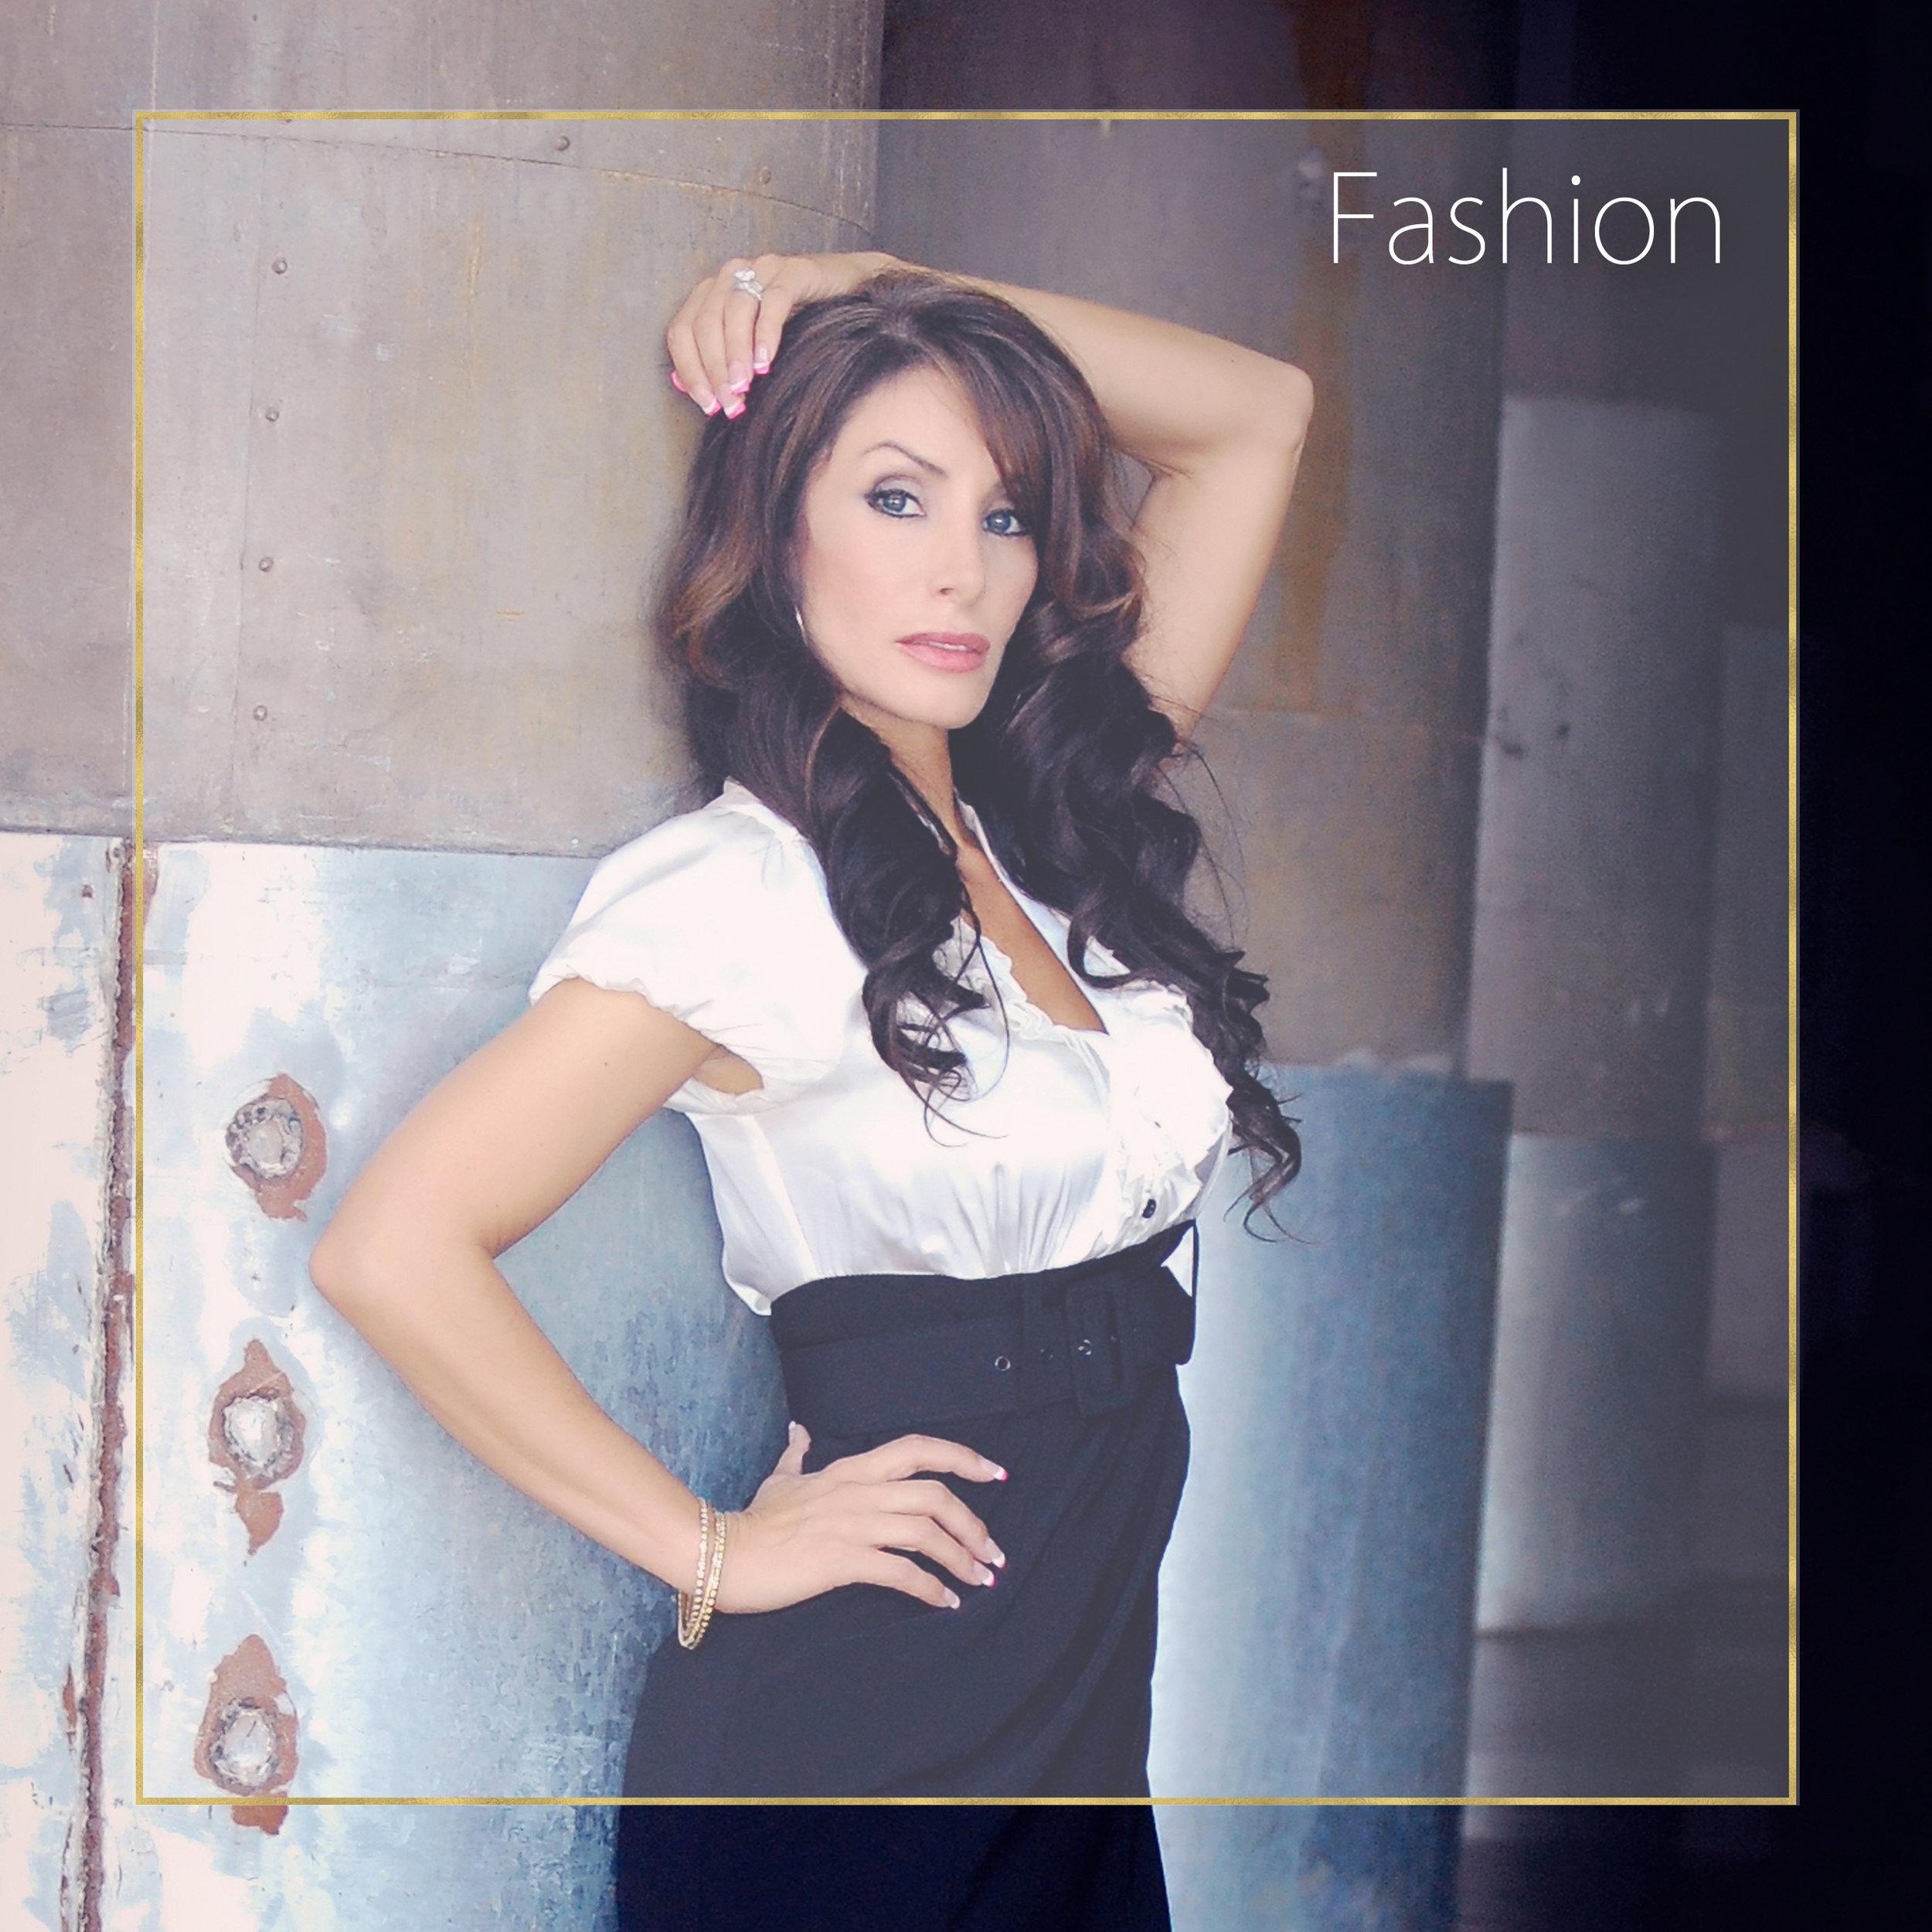 fashion album cover.jpg